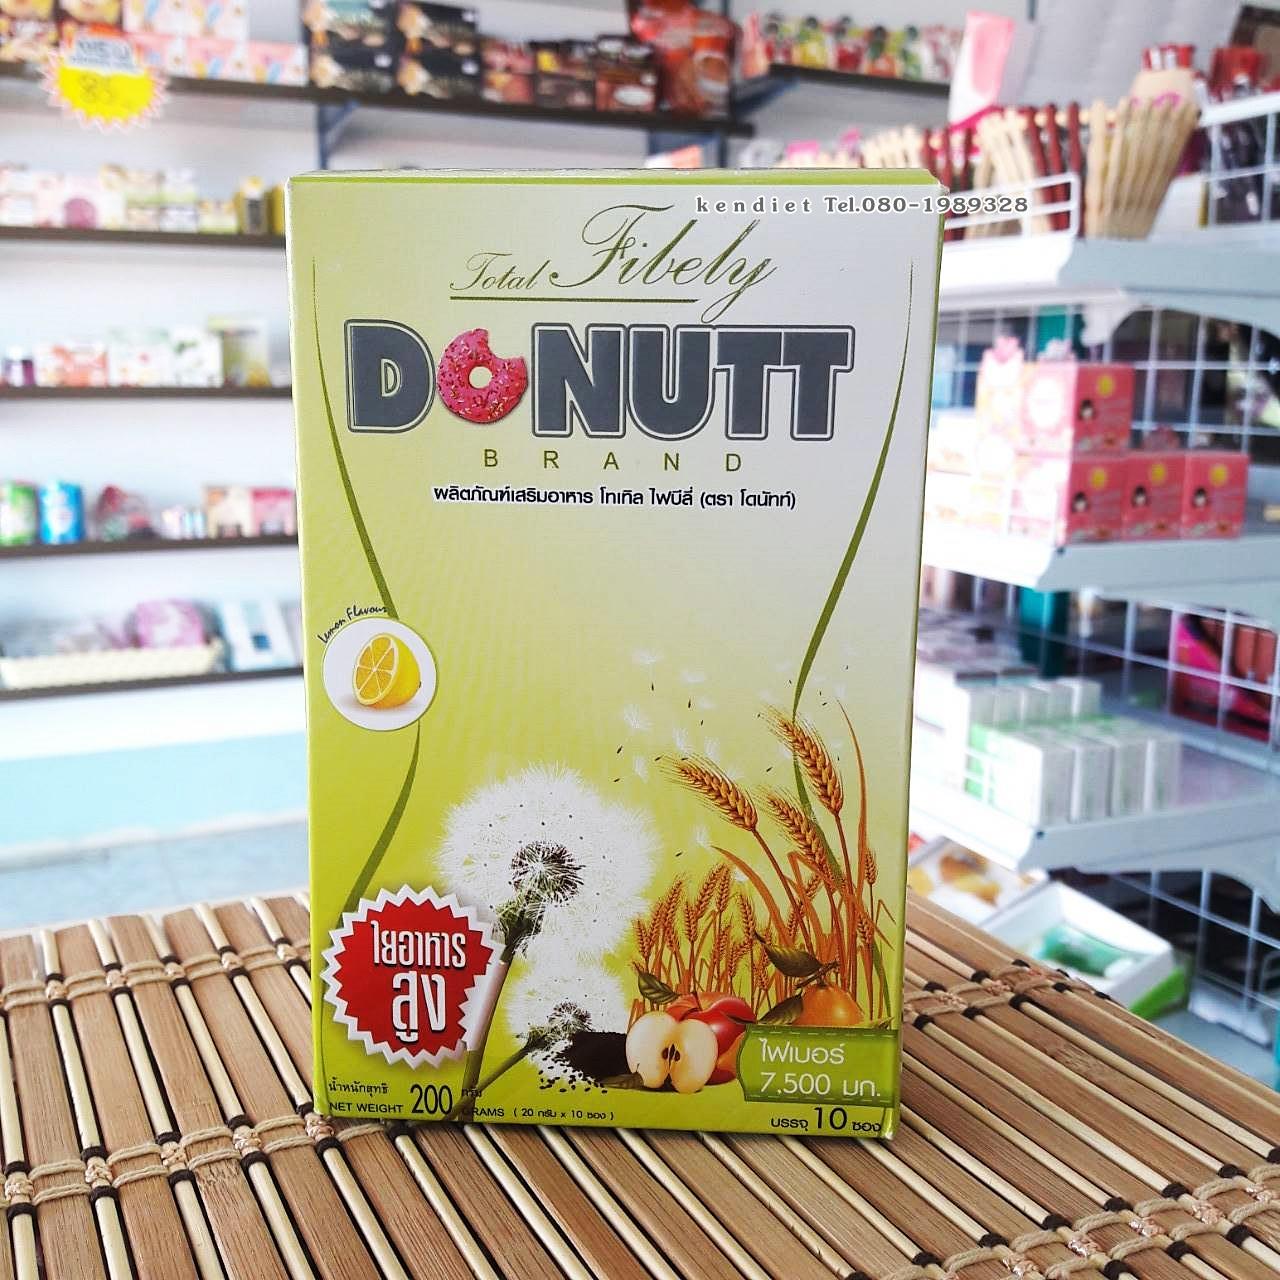 Donut Total Fibely Detox โดนัท โทเทิล ไฟบีลี่ 10 ซอง 180 บาท